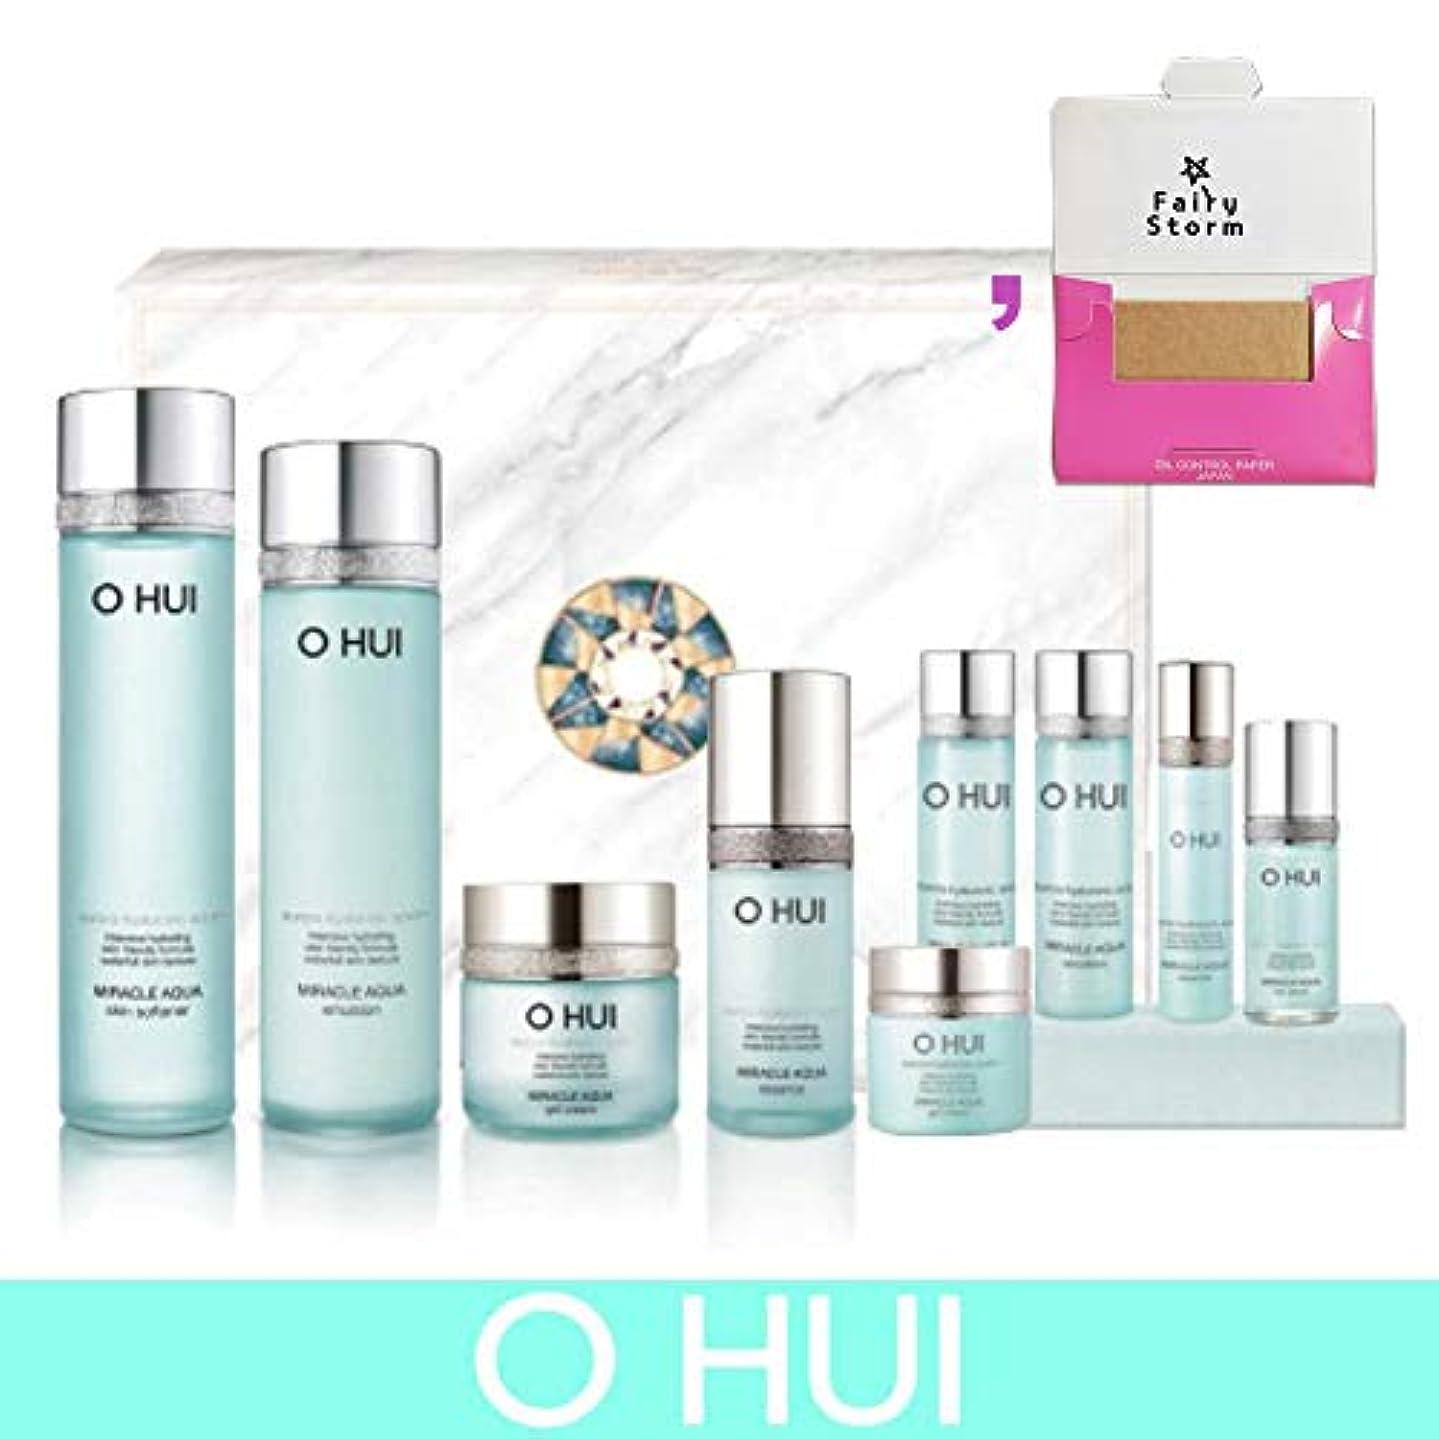 調査みなす関係する[オフィ/O HUI]韓国化粧品 LG生活健康/O HUI MIRACLE AQUA SPECIAL 4EA SET/ミラクル アクア 4種セット + [Sample Gift](海外直送品)